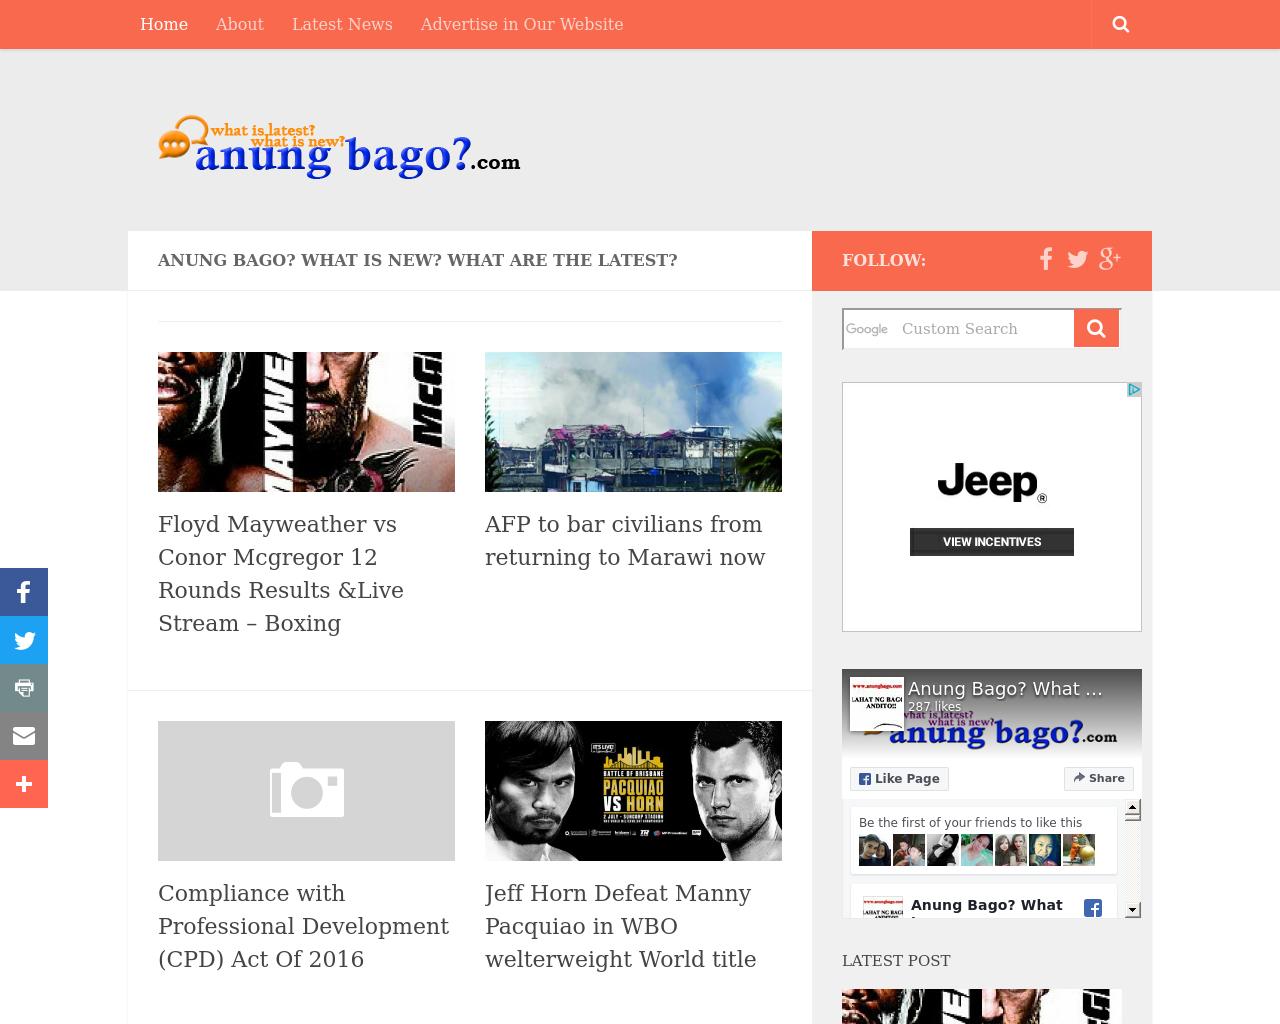 Anung-Bago-Advertising-Reviews-Pricing